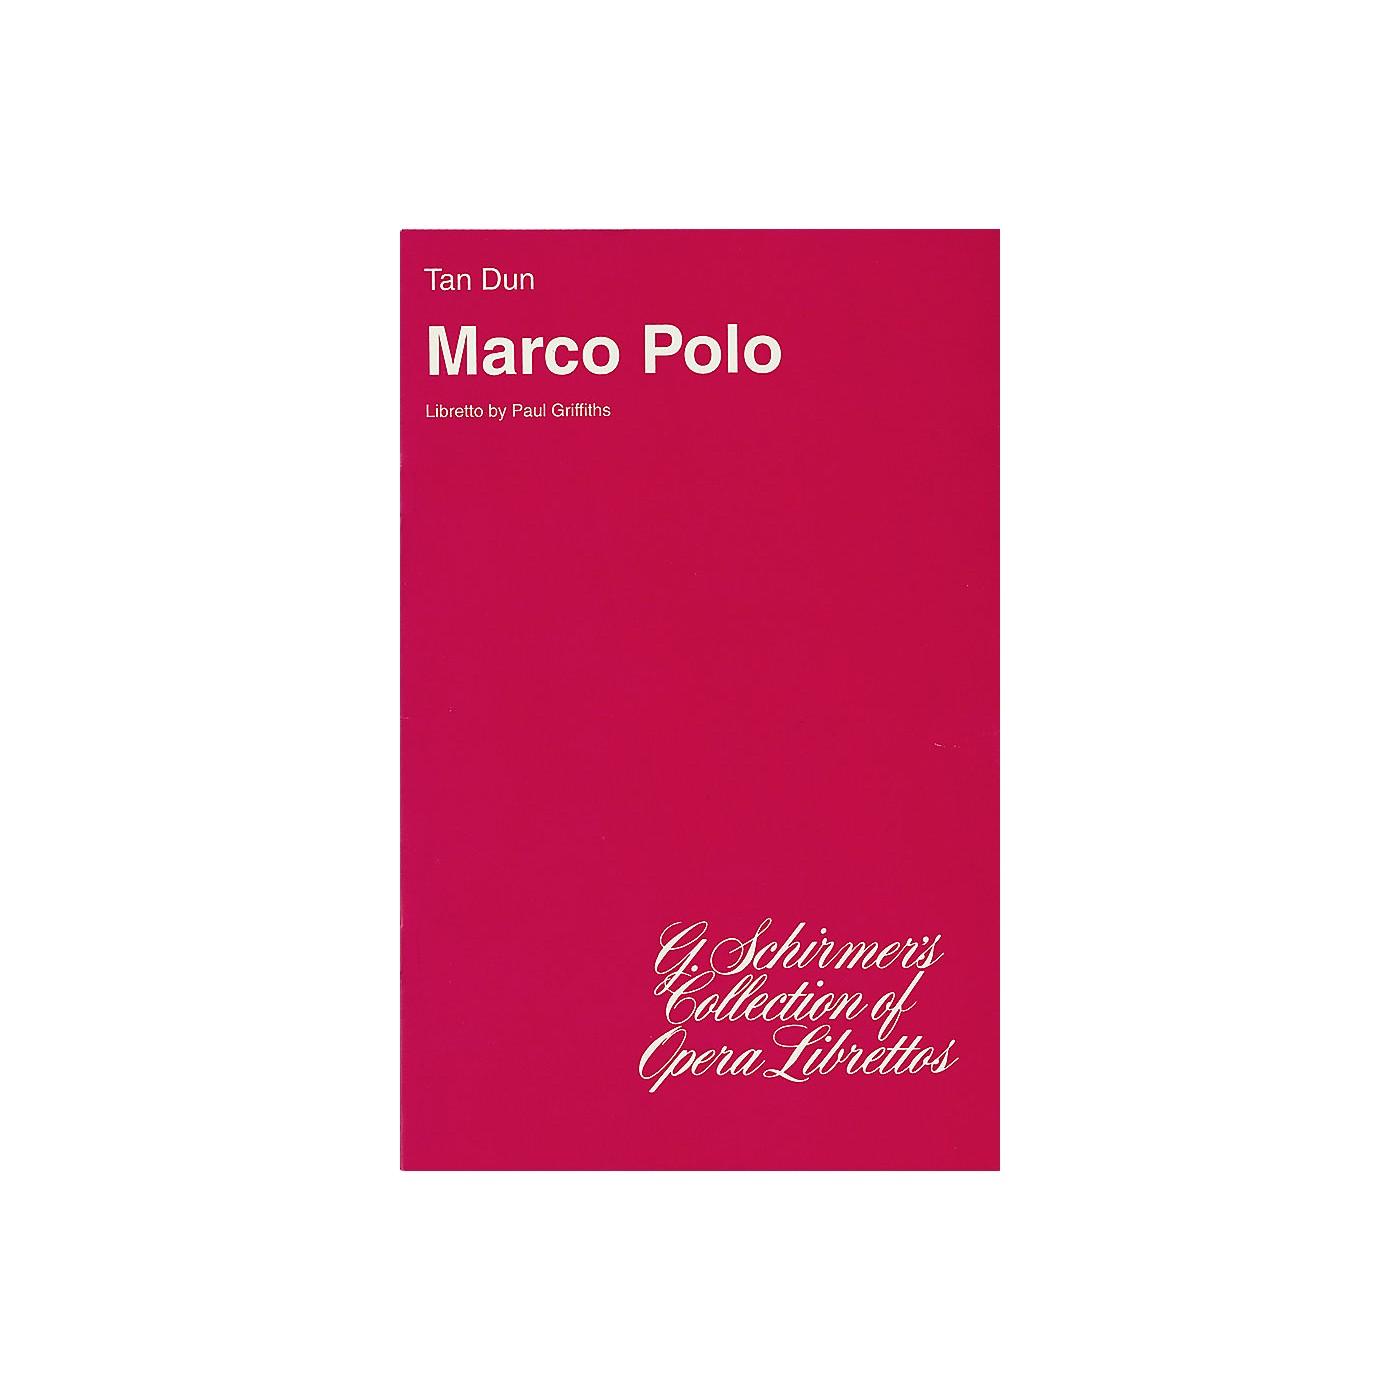 G. Schirmer Marco Polo (Libretto) Opera Series  by Tan Dun thumbnail